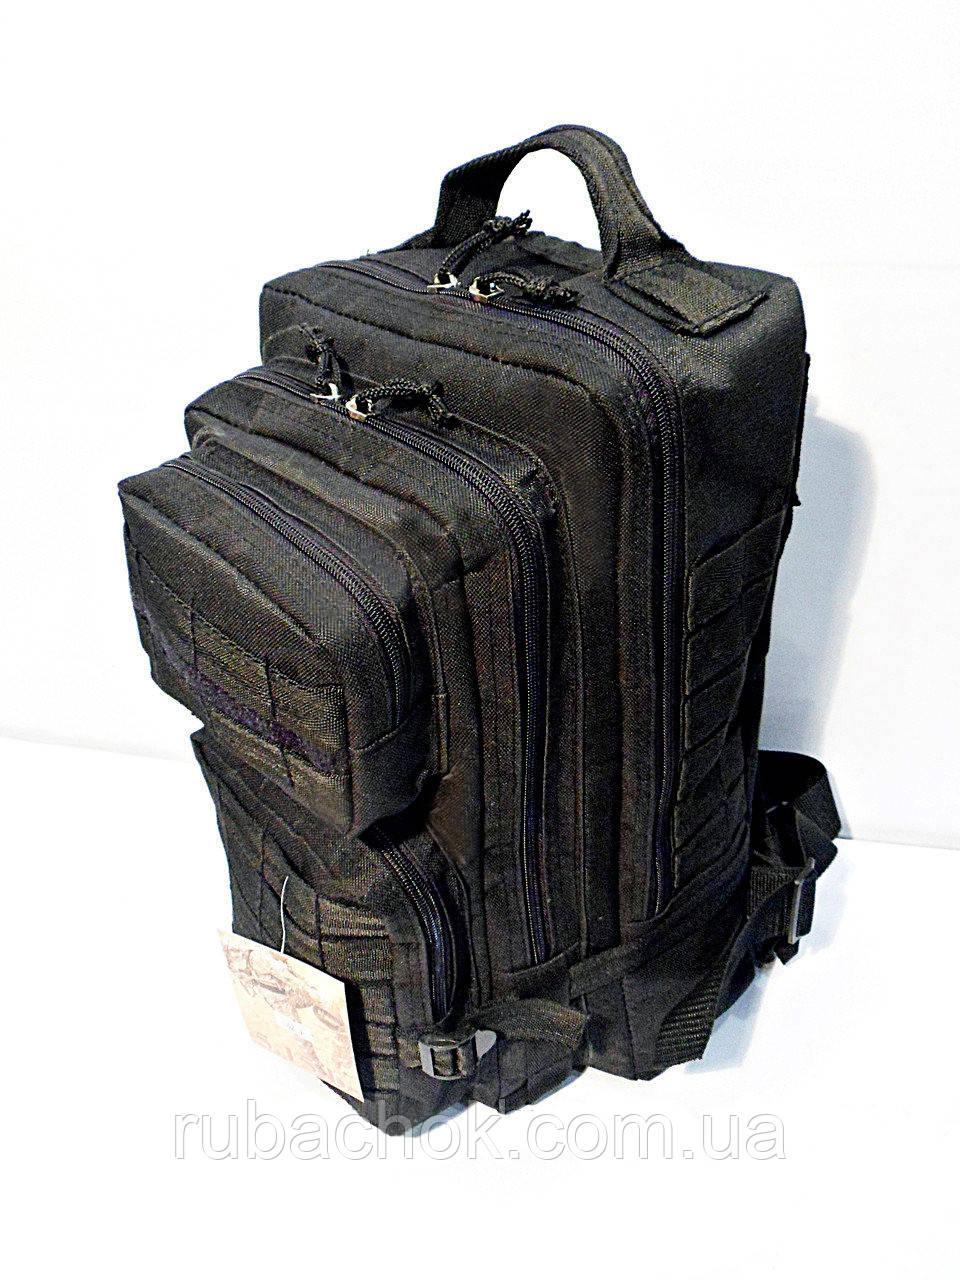 Тактичний, штурмової крепеий рюкзак 25 літрів чорний